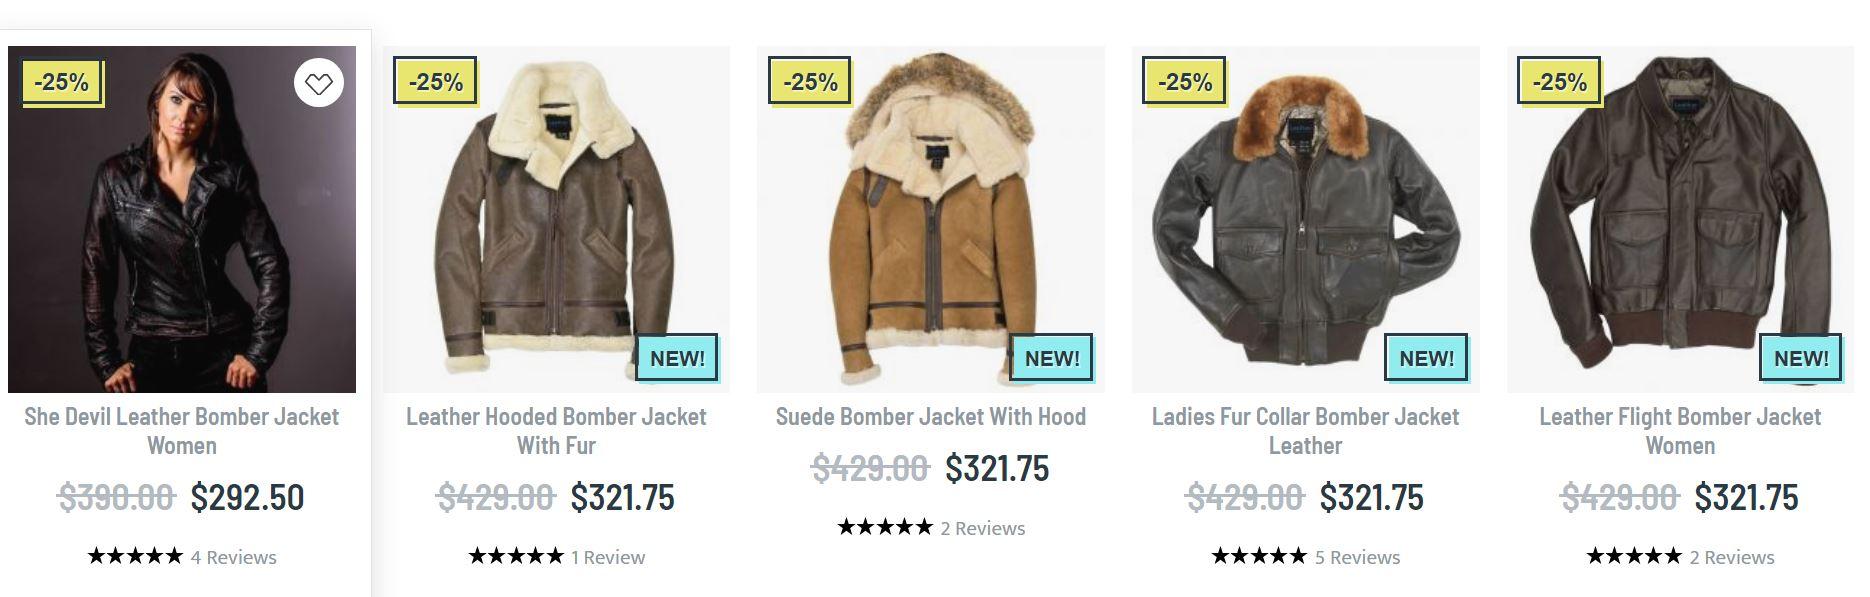 Leather bomber jacket women